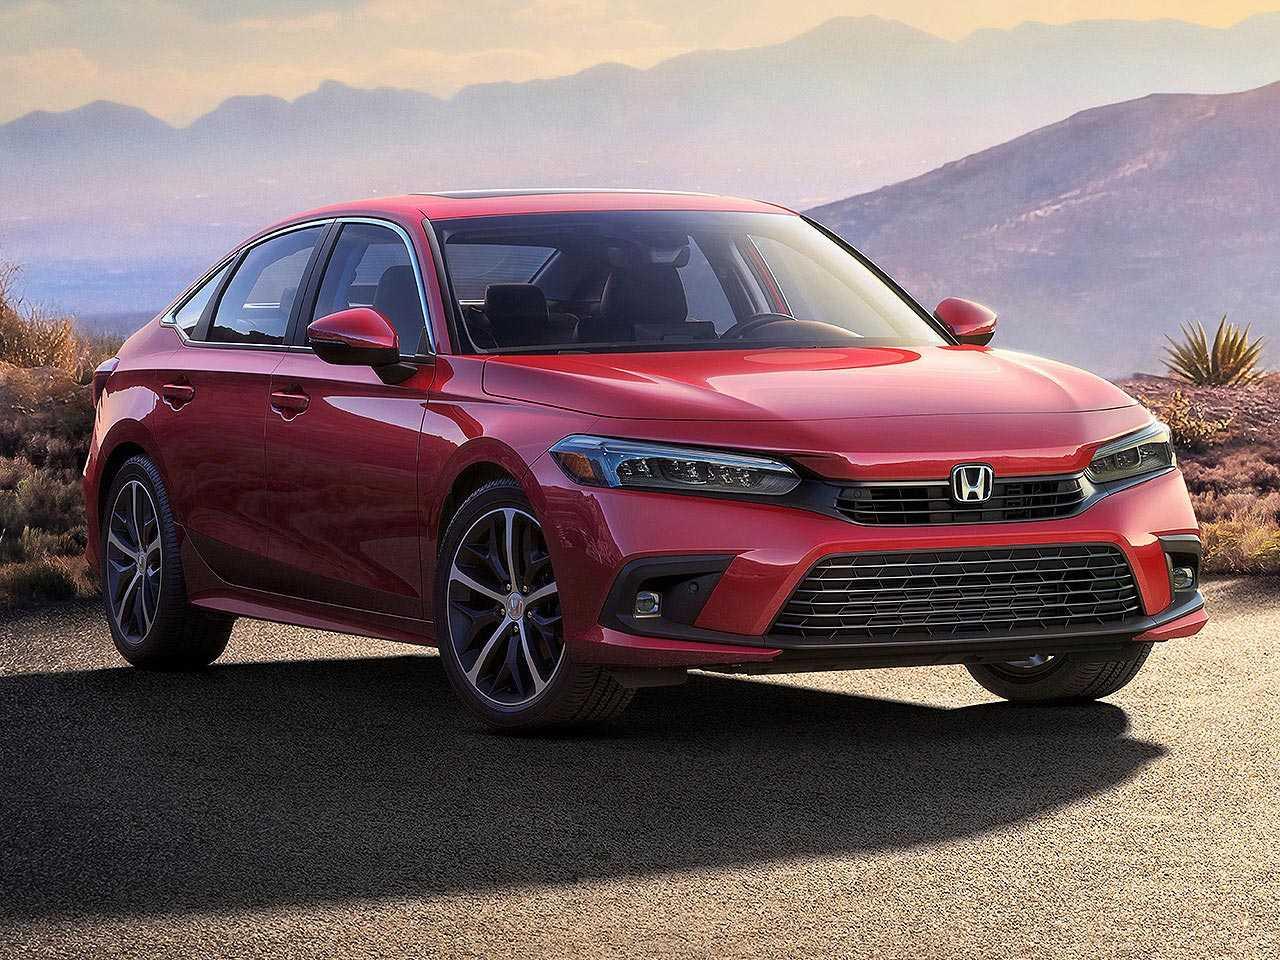 Primeira imagem oficial da nova geração do Honda Civic